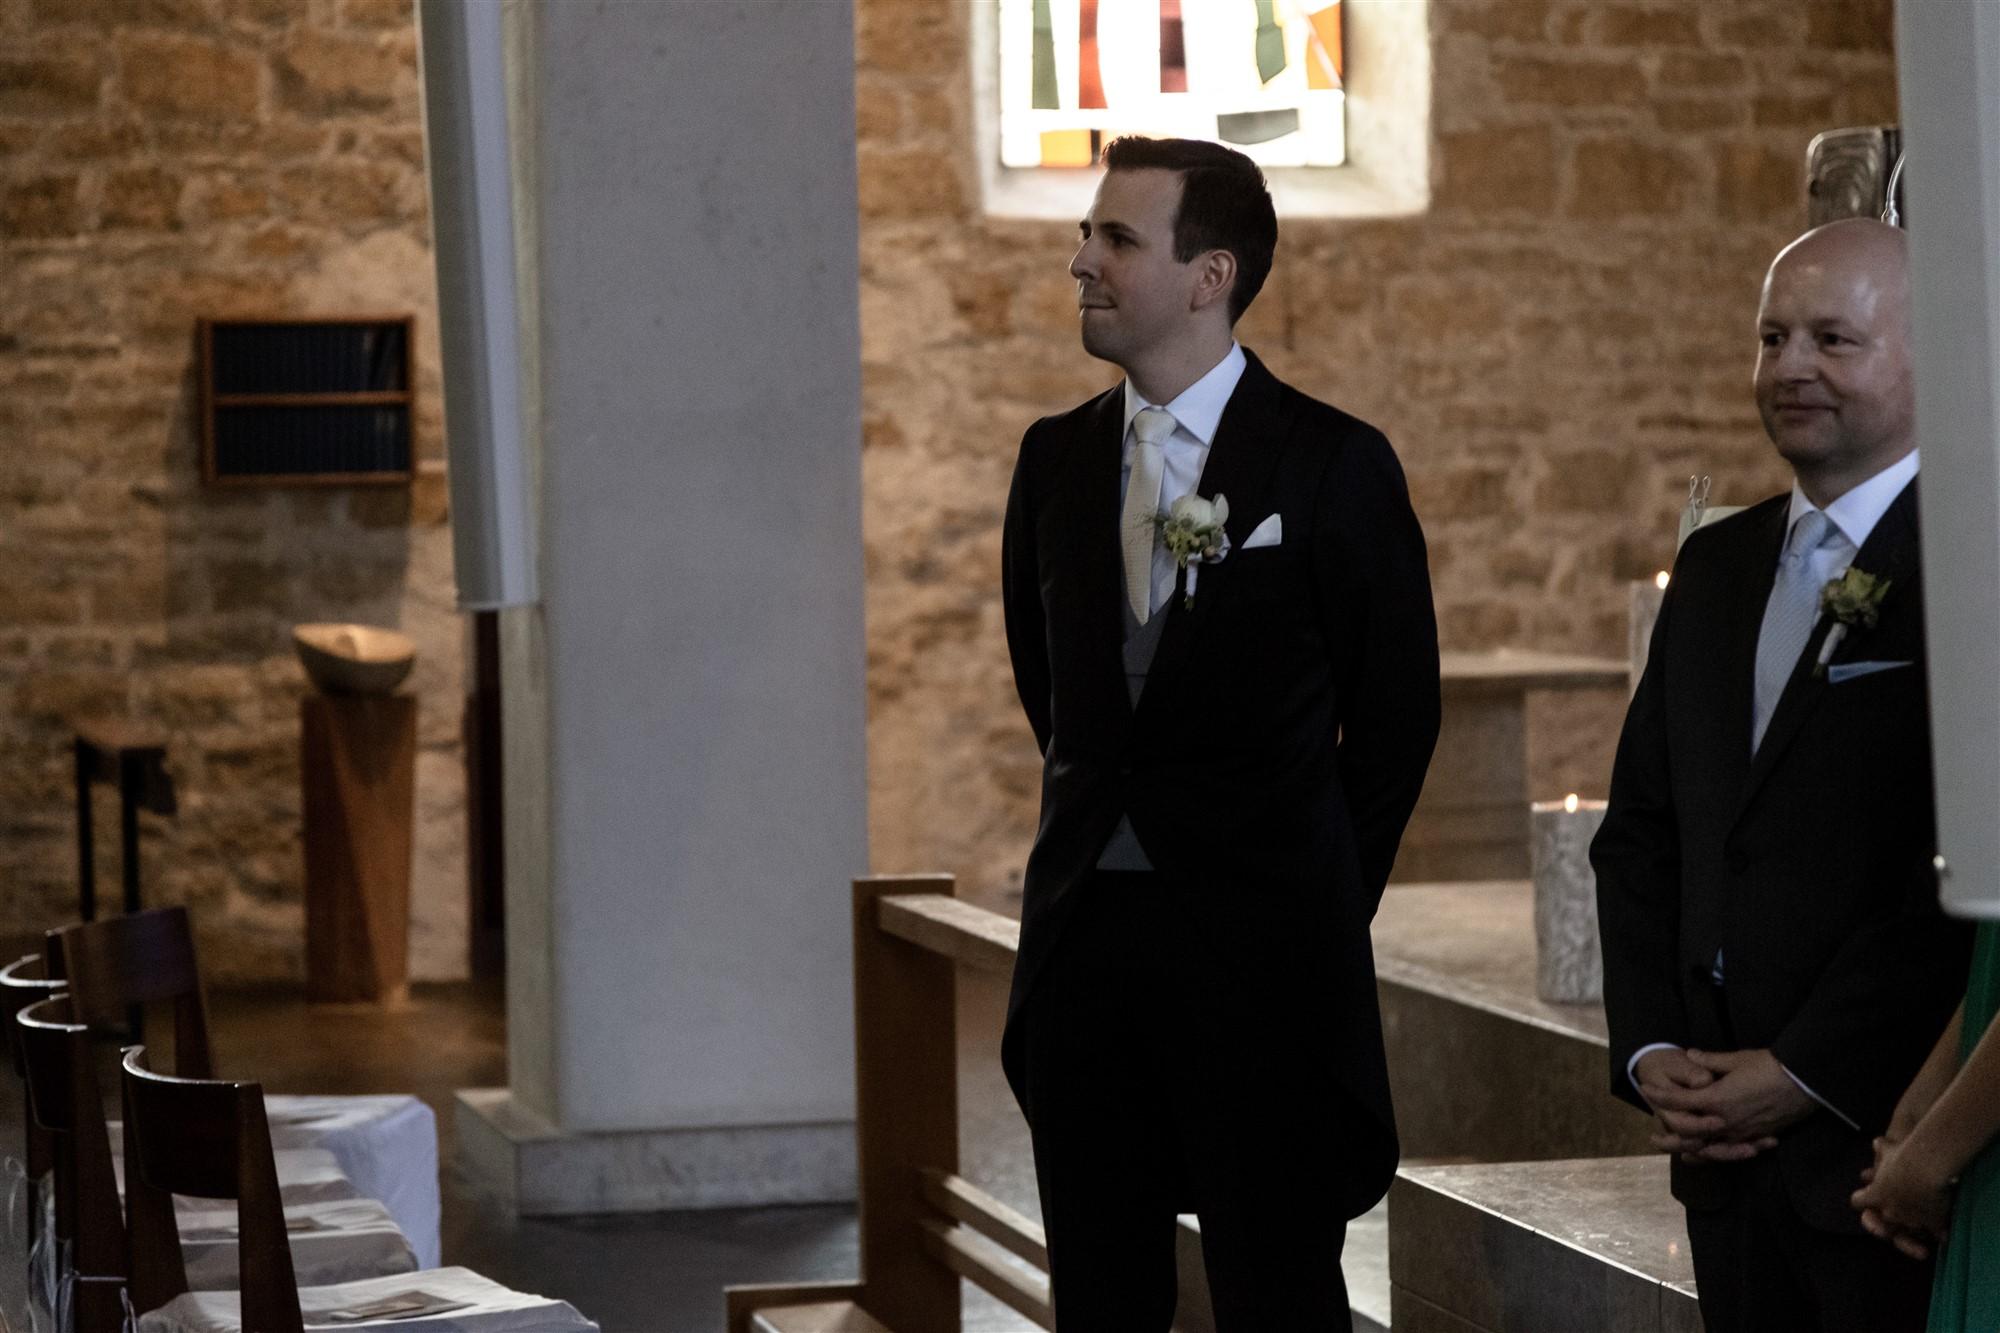 Der Bräutigam sieht seine zukünftige Frau beim Einzug in die Kirche